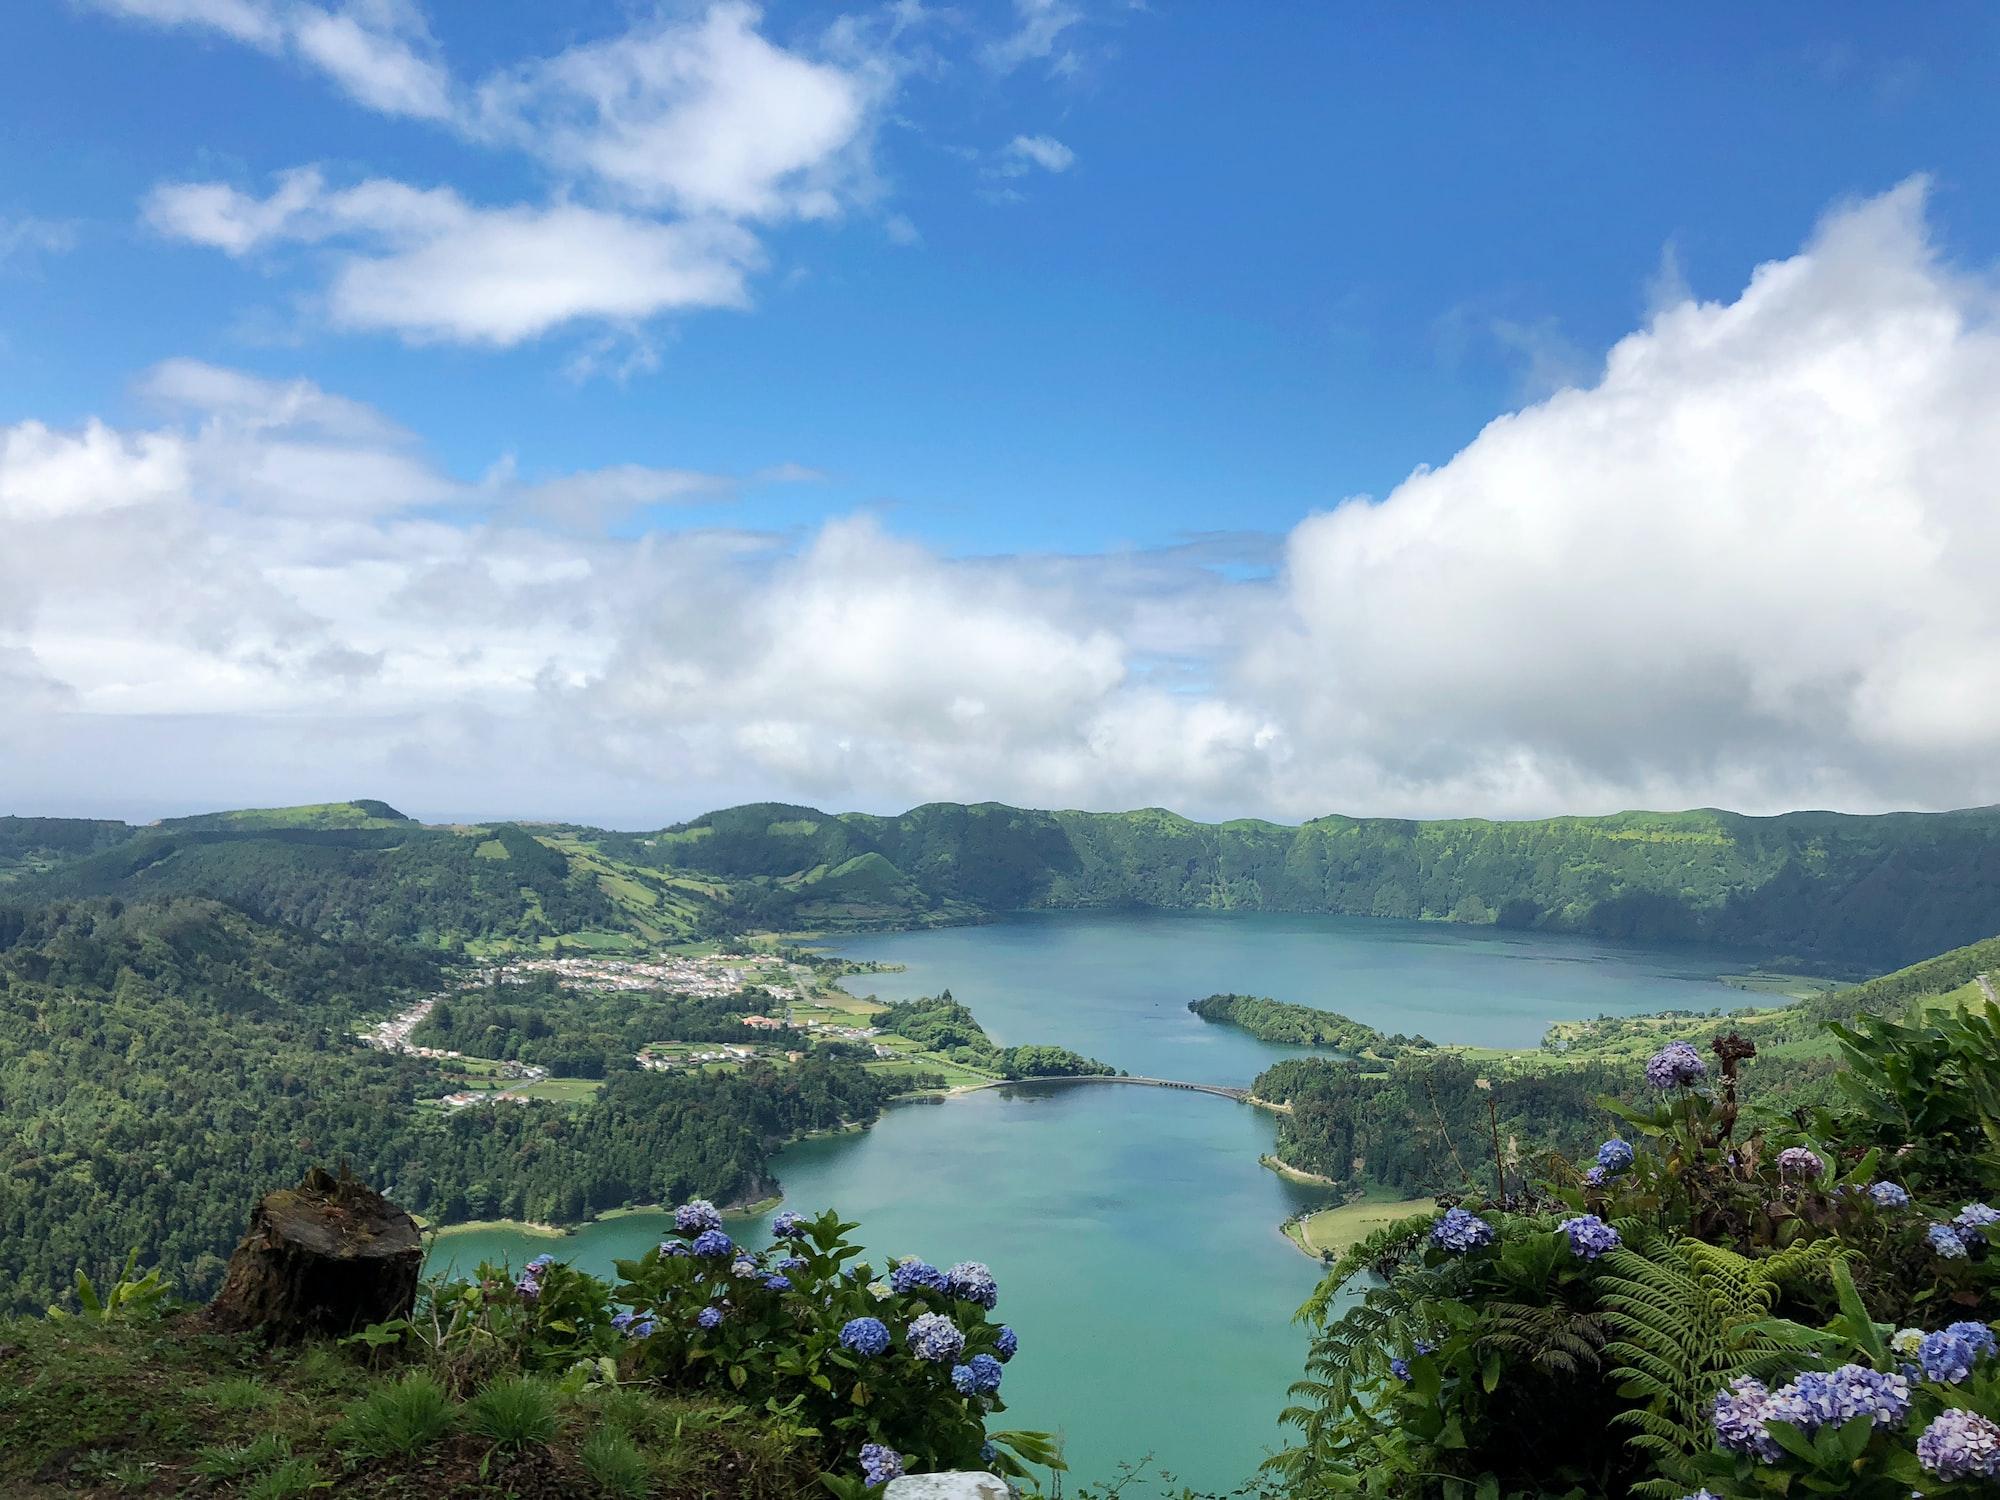 Vue sur des lacs dans les Açores au Portugal